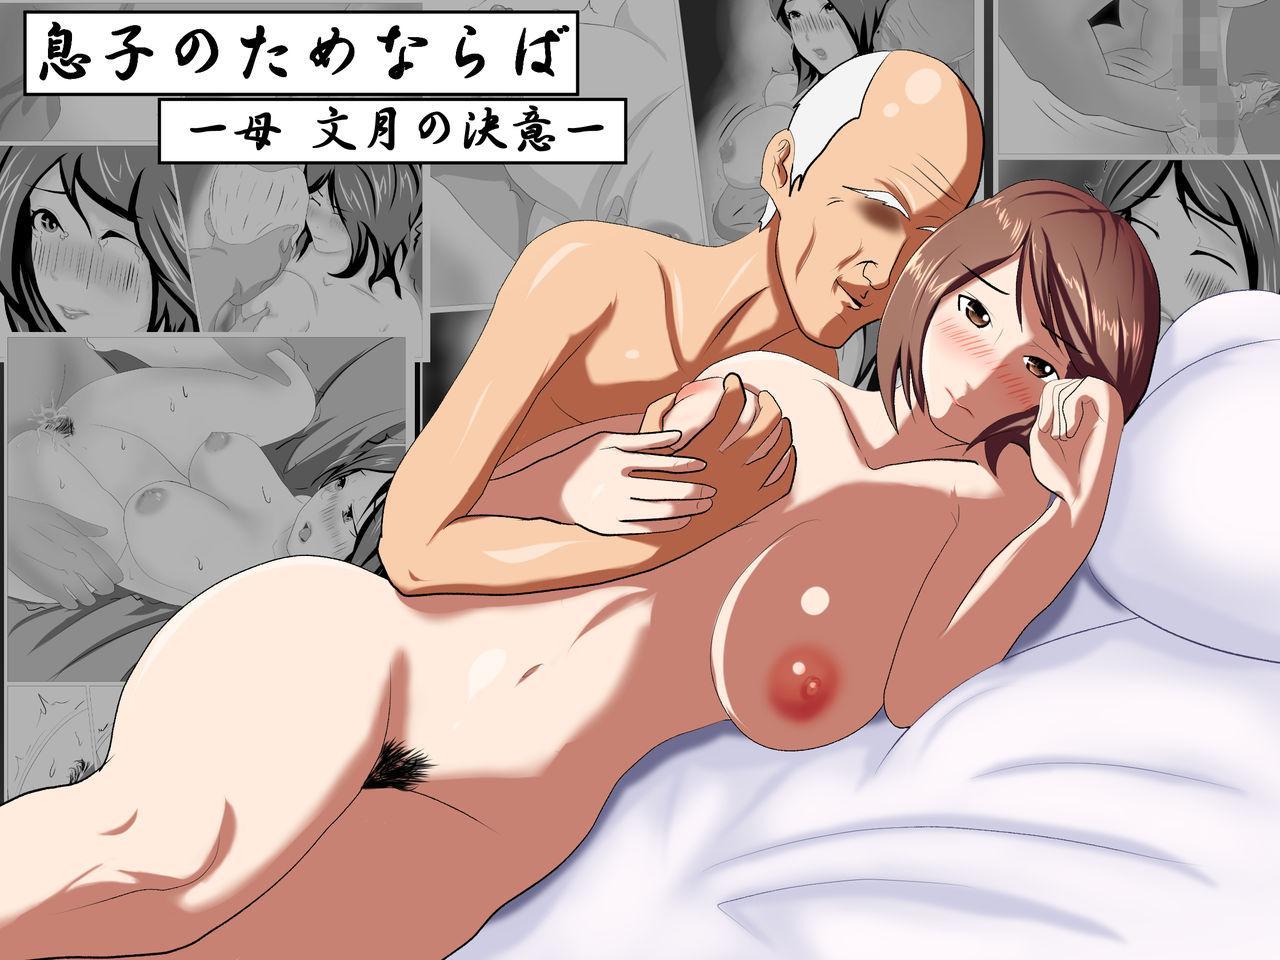 Musuko no Tamenaraba 0